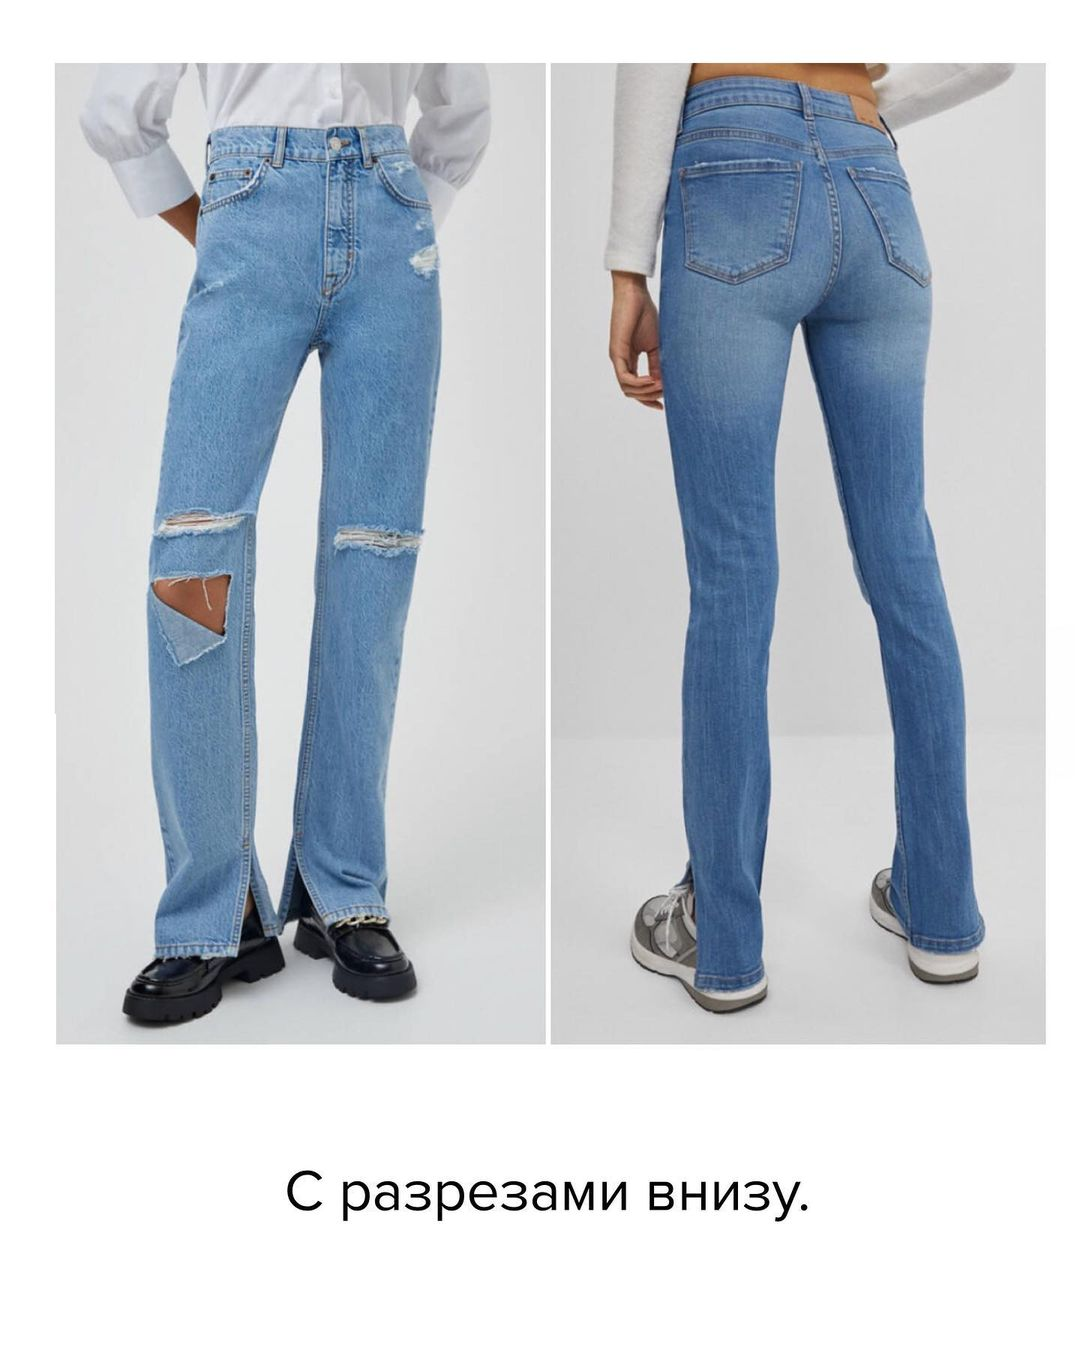 Слоучи, колор блок і варенки: які джинси купувати на літо 2021